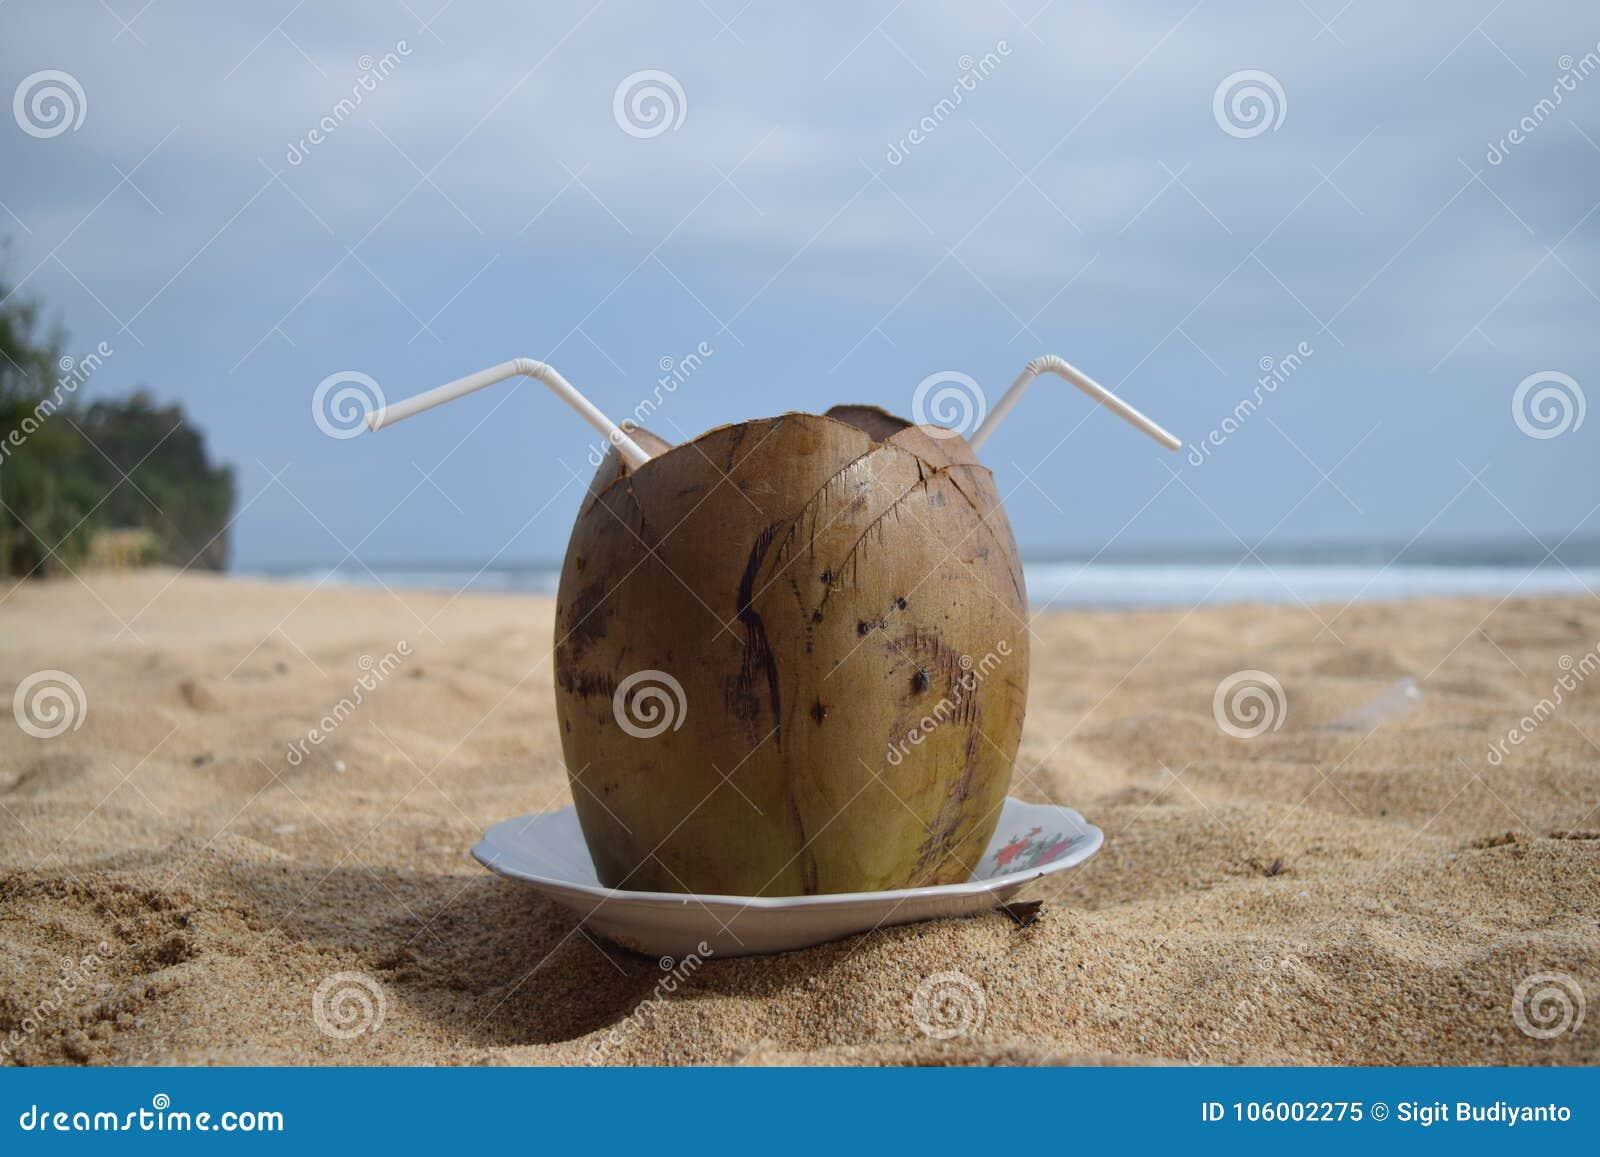 Delicious young coconut